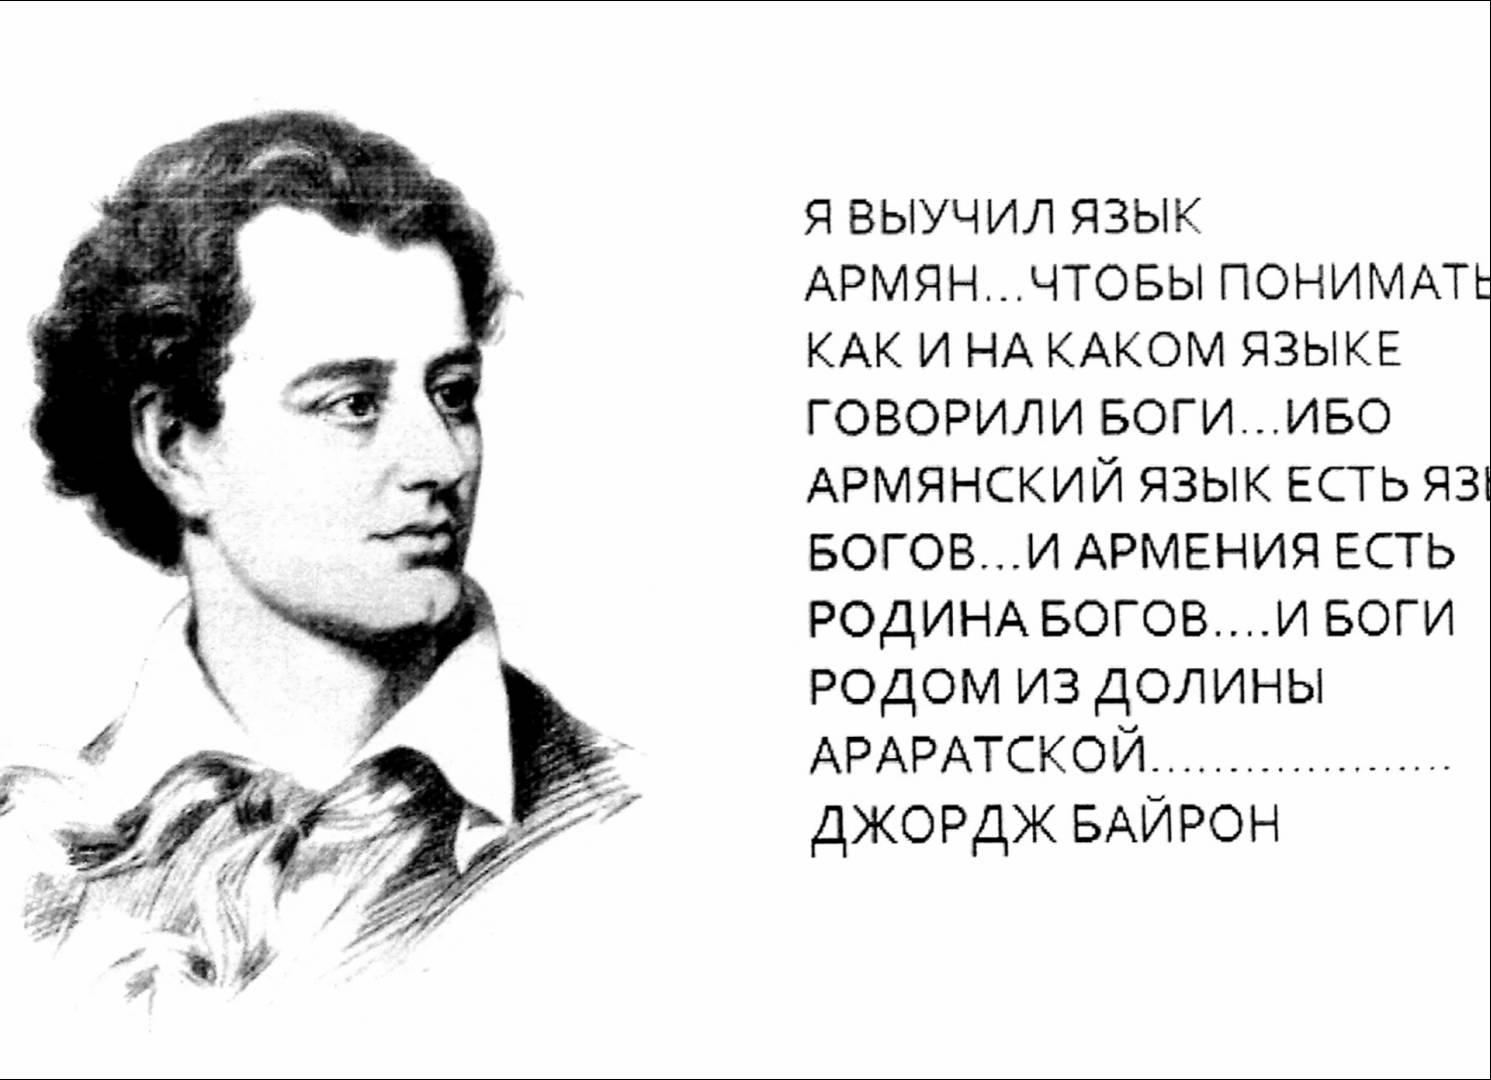 Картинки по запросу Фильм об армянском языке